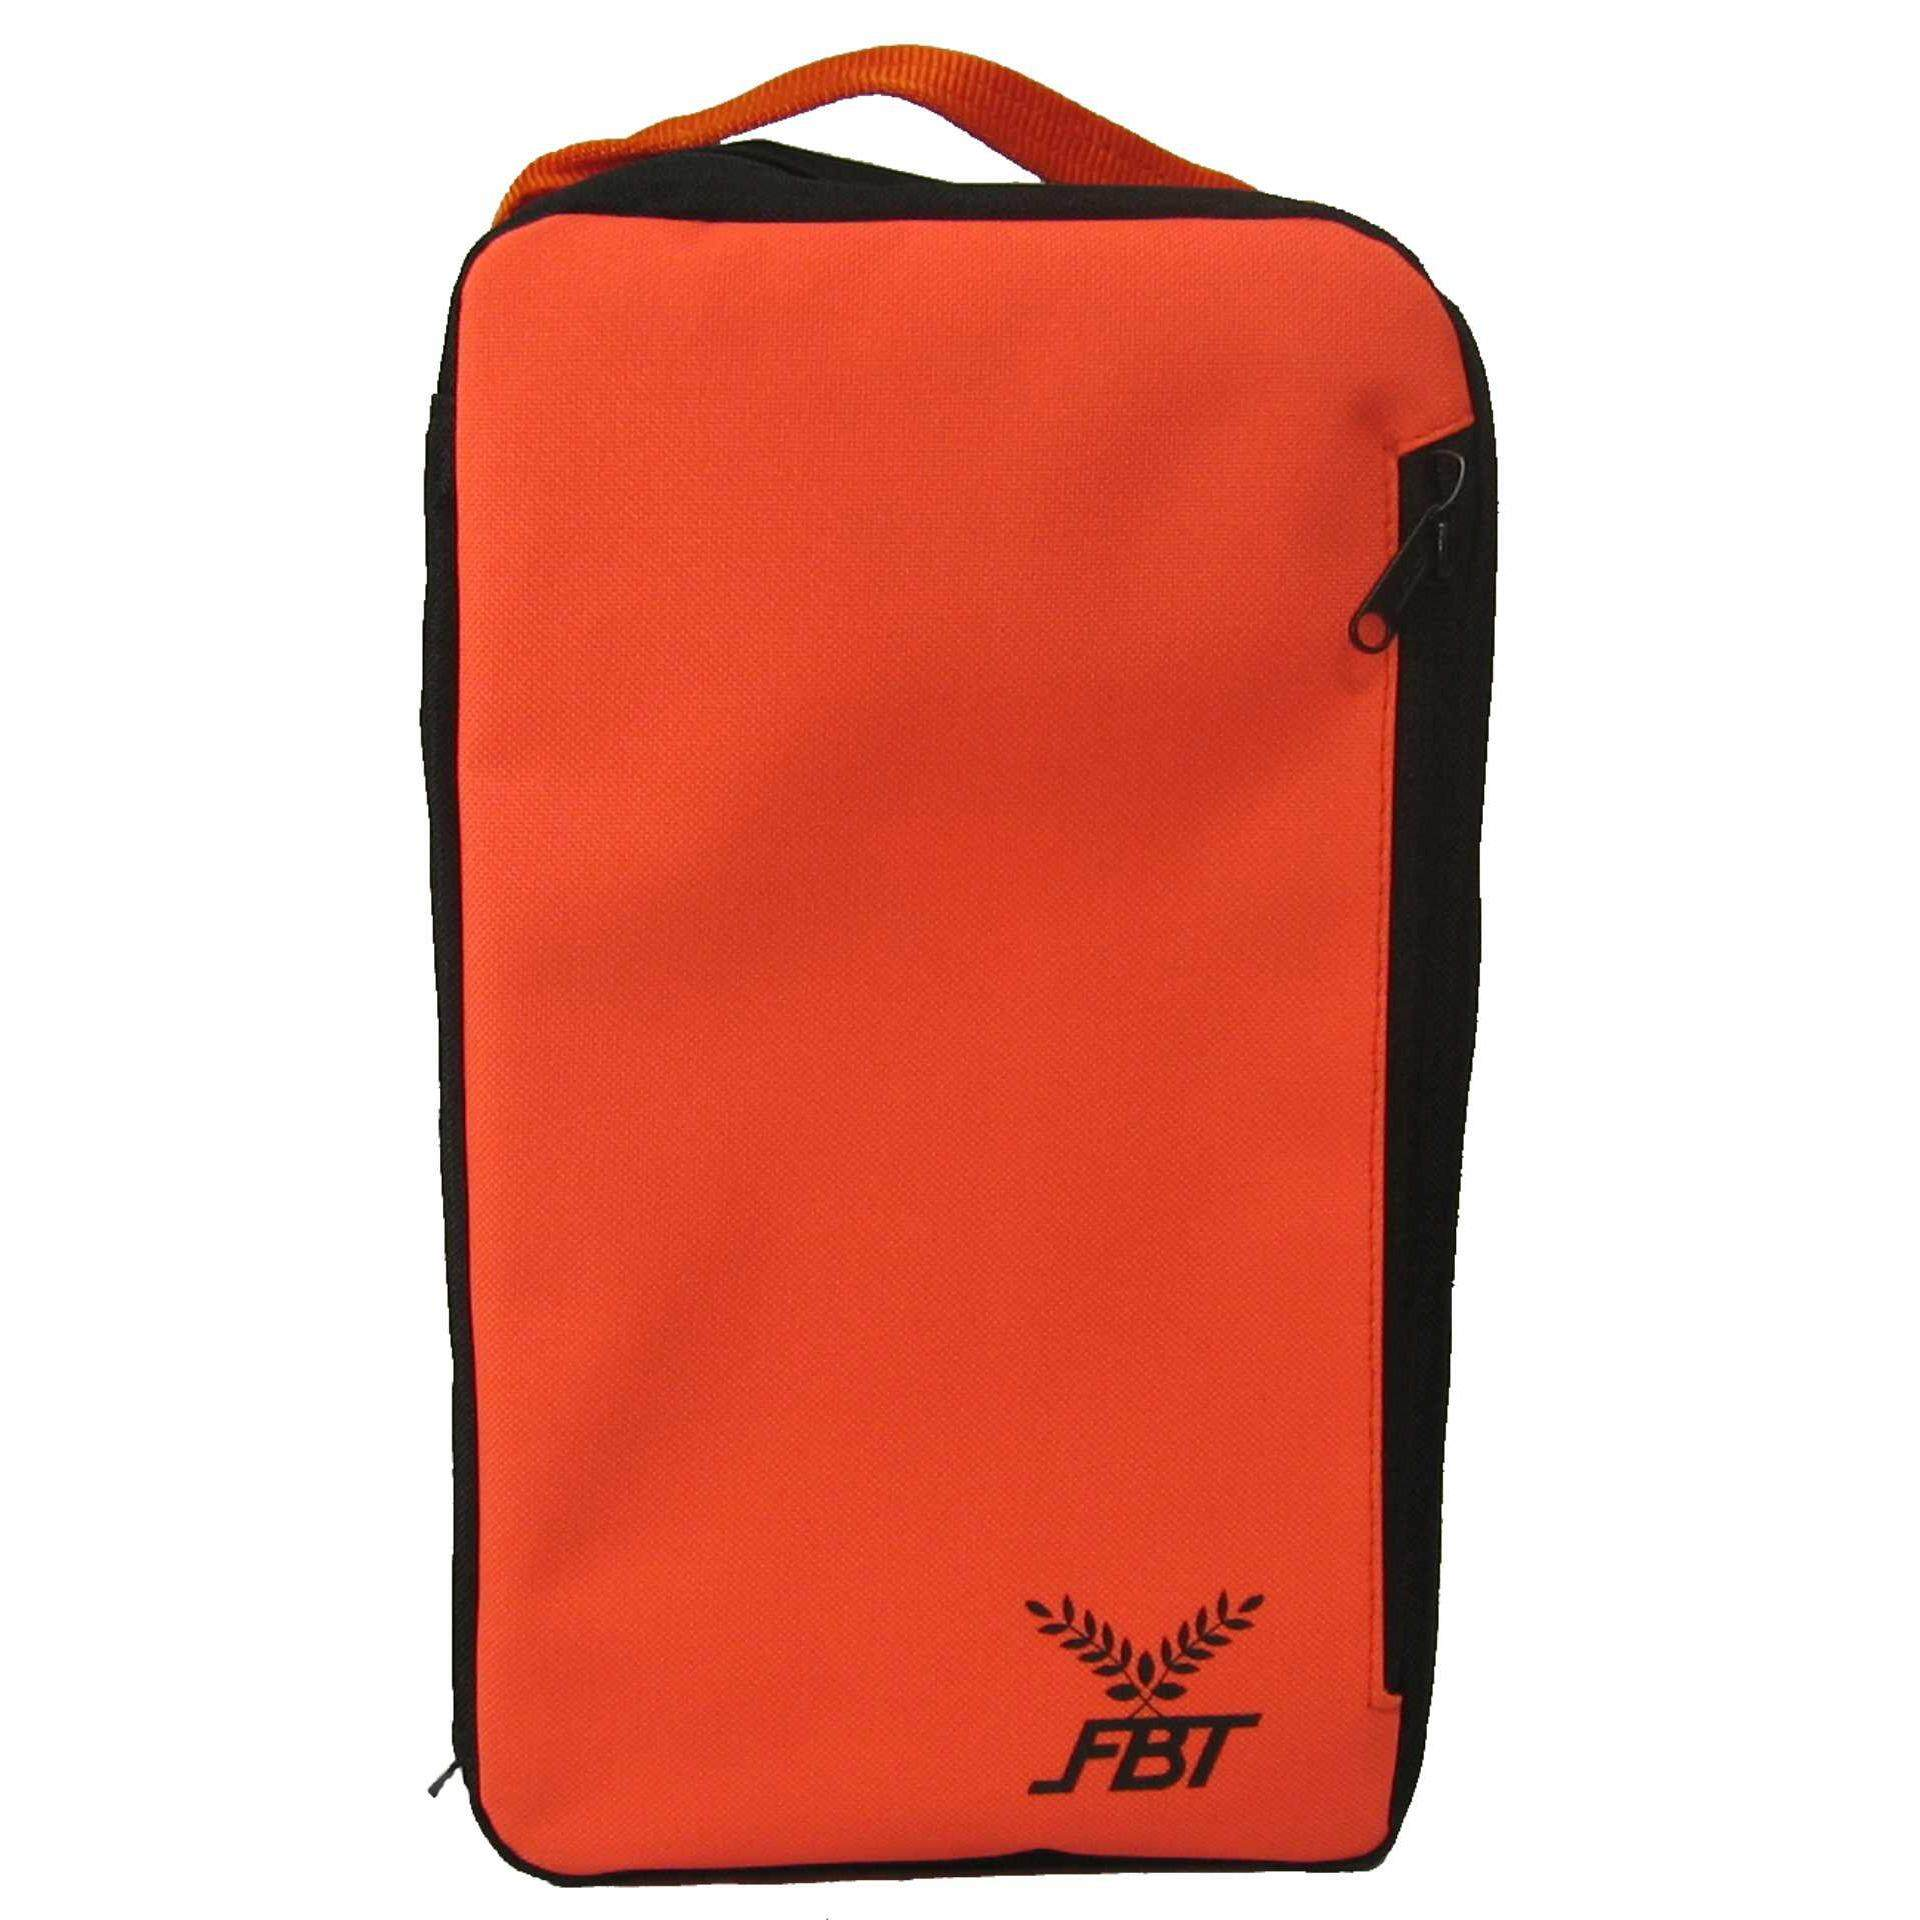 กระเป๋าใส่รองเท้า กระเป๋าใส่อุปกรณ์กีฬา FBT 17-1000 ส้ม